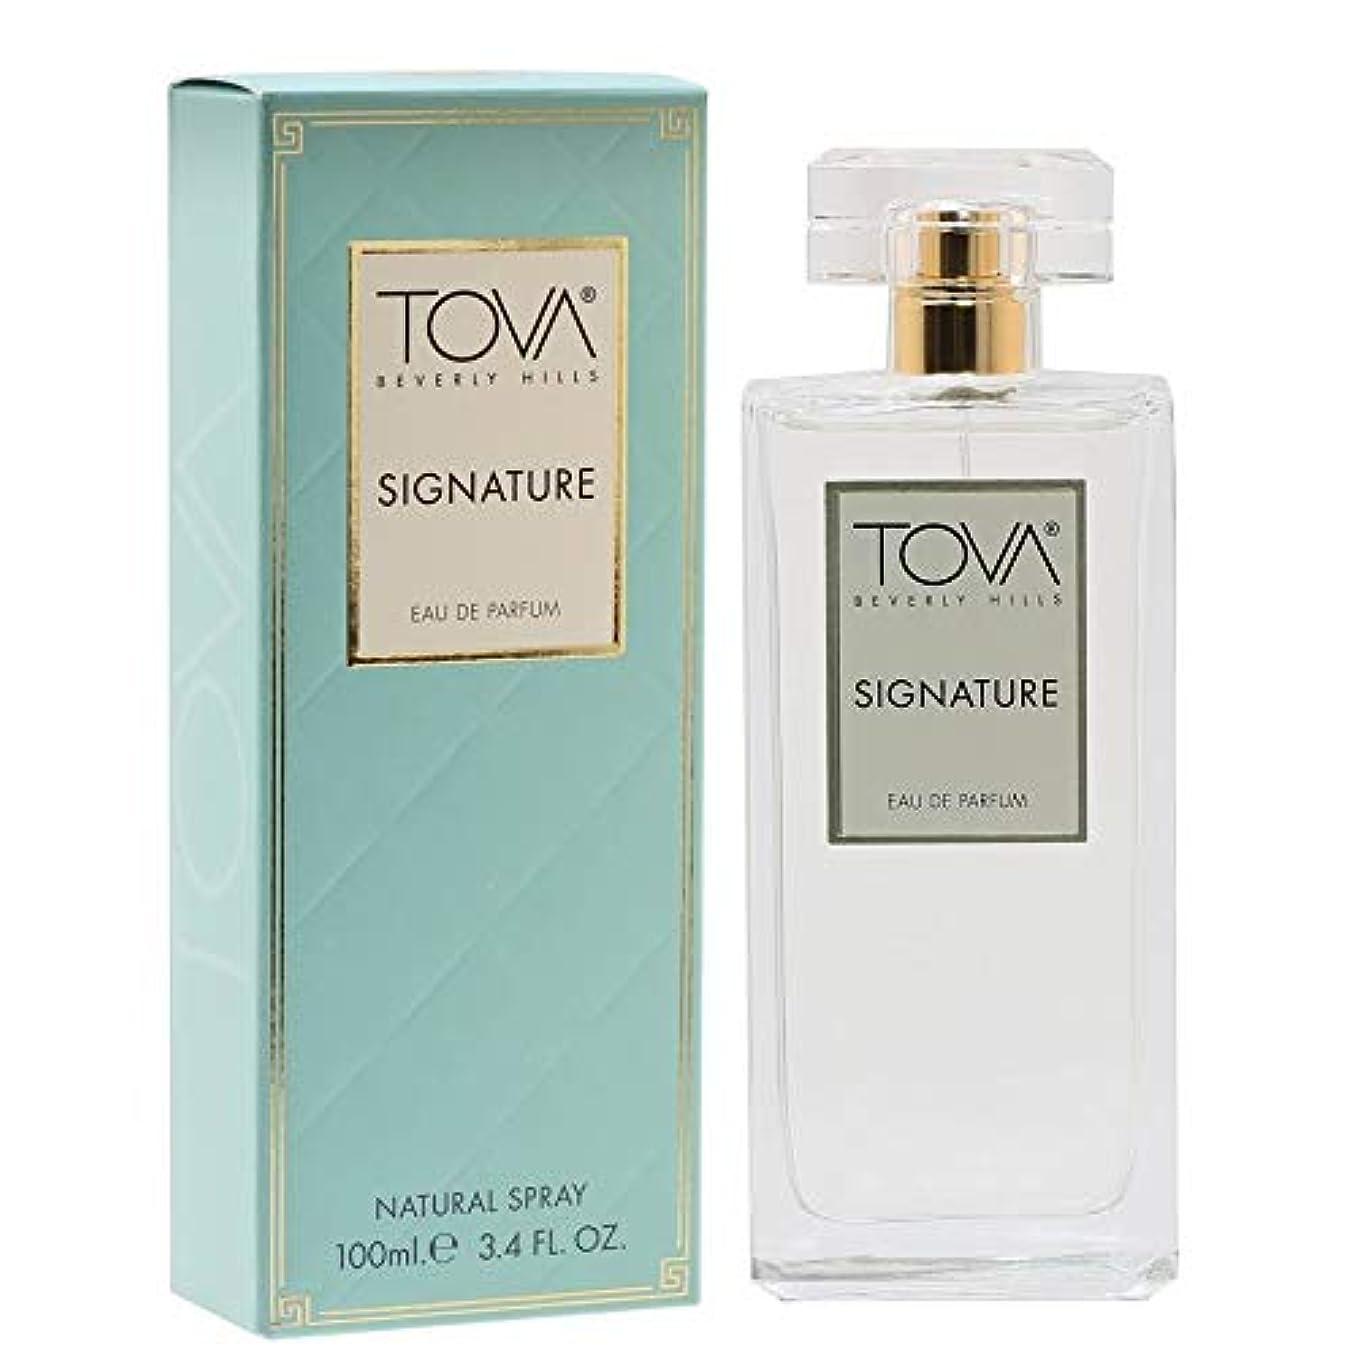 金銭的宝石酸化物Tova Signature Fragrance (トヴァ シグネチャ- フレグランス) 3.4 oz (100ml) EDP Spray (New Package 新デザイン)